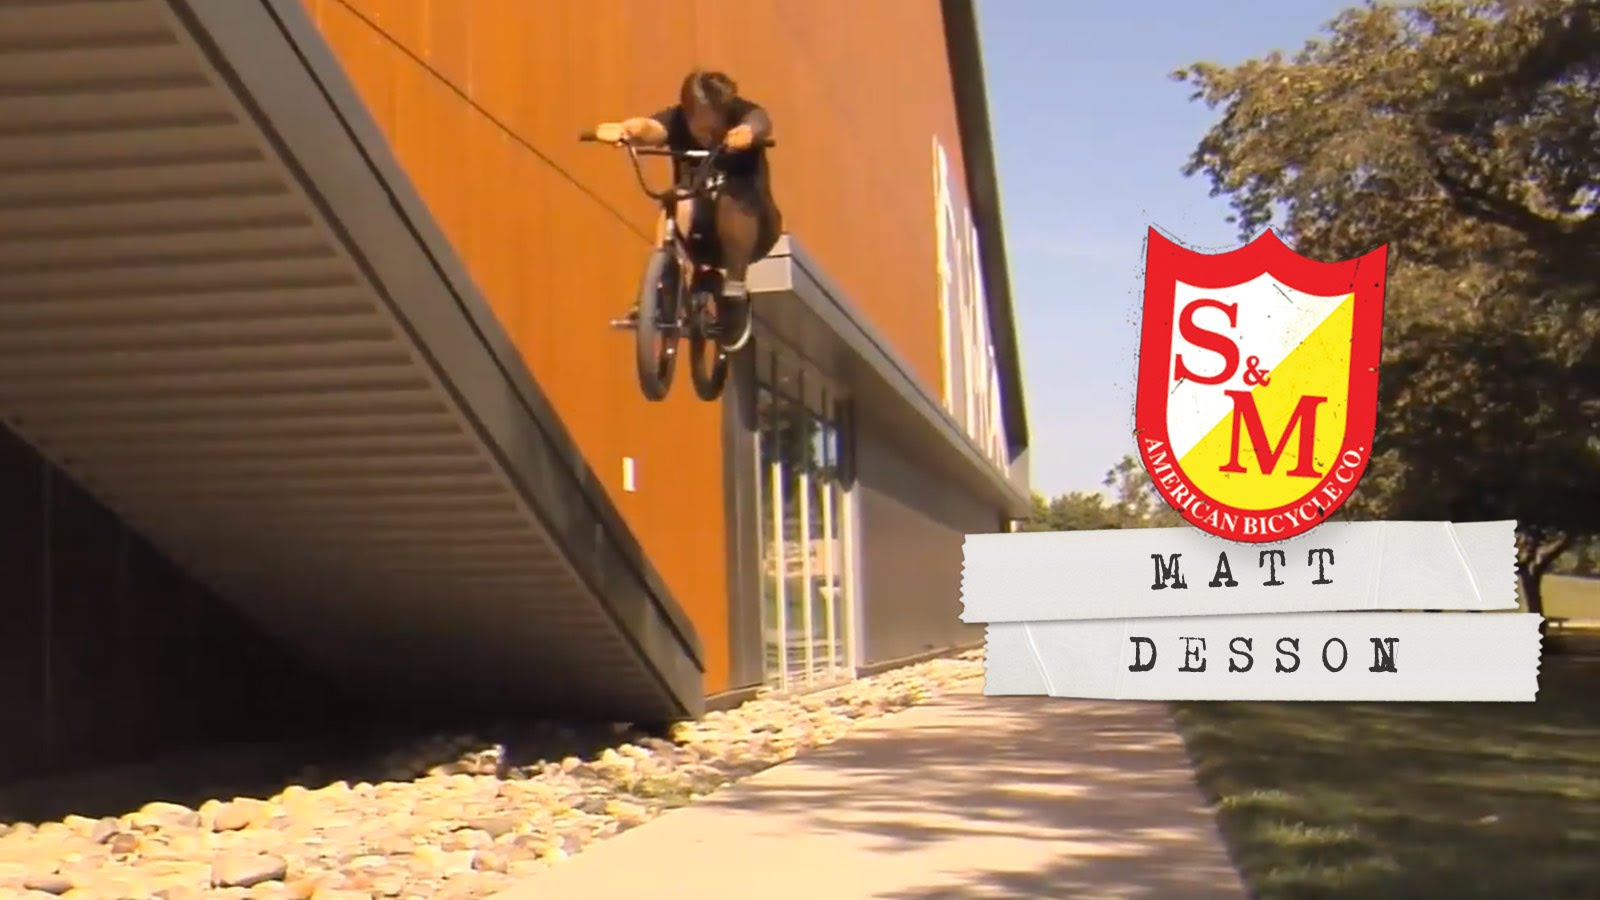 S&M – Desson 2014